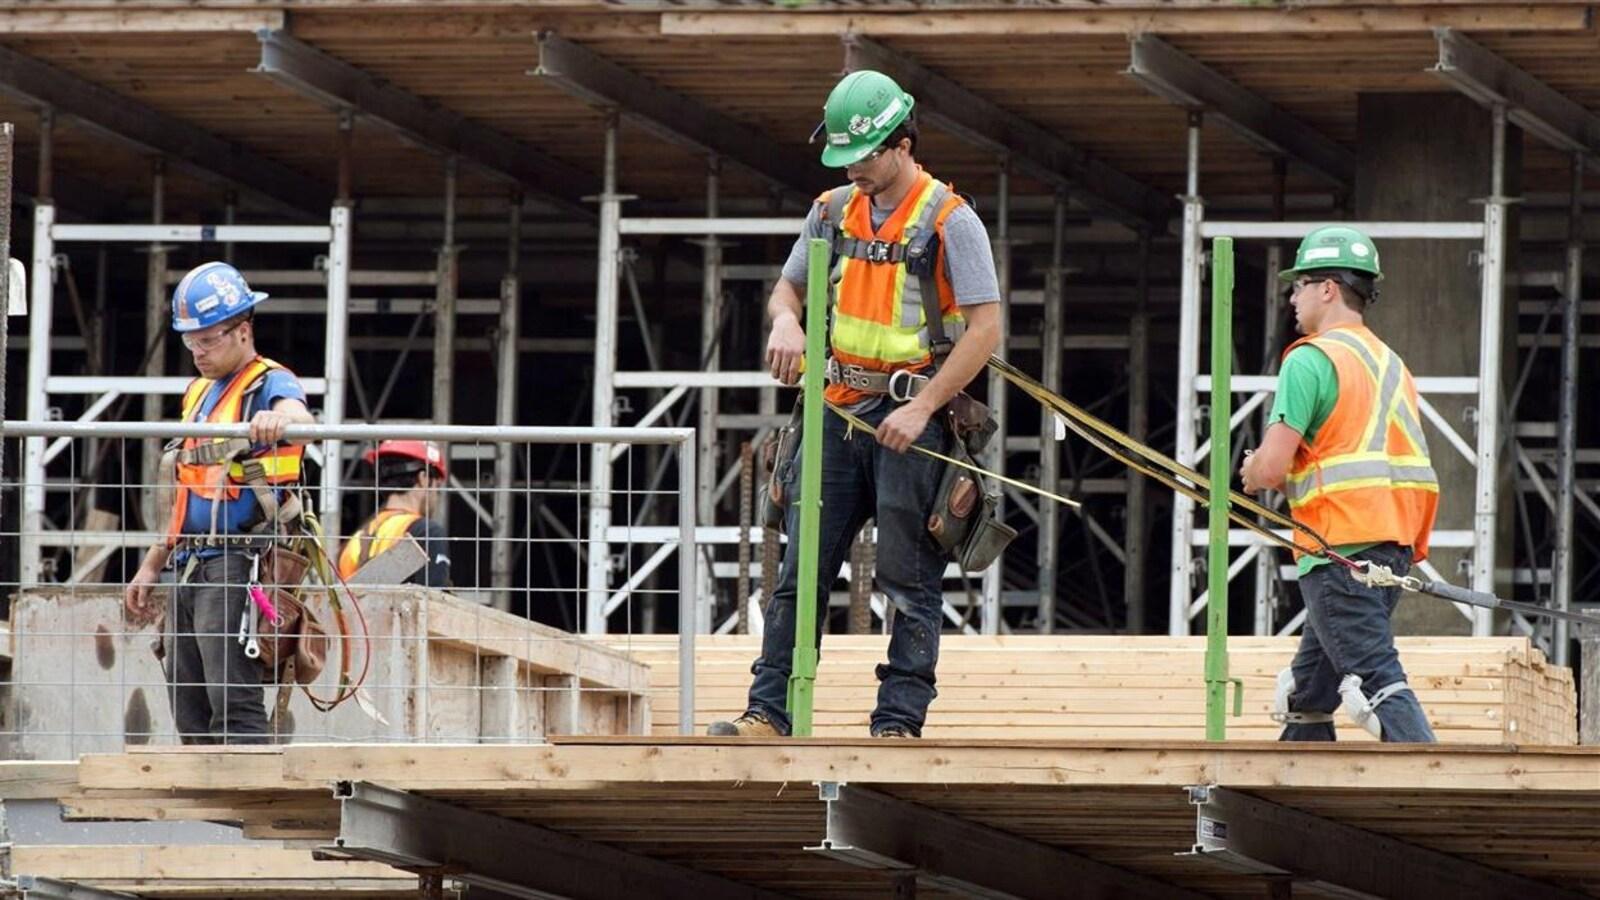 Des travailleurs de la construction sur un chantier.